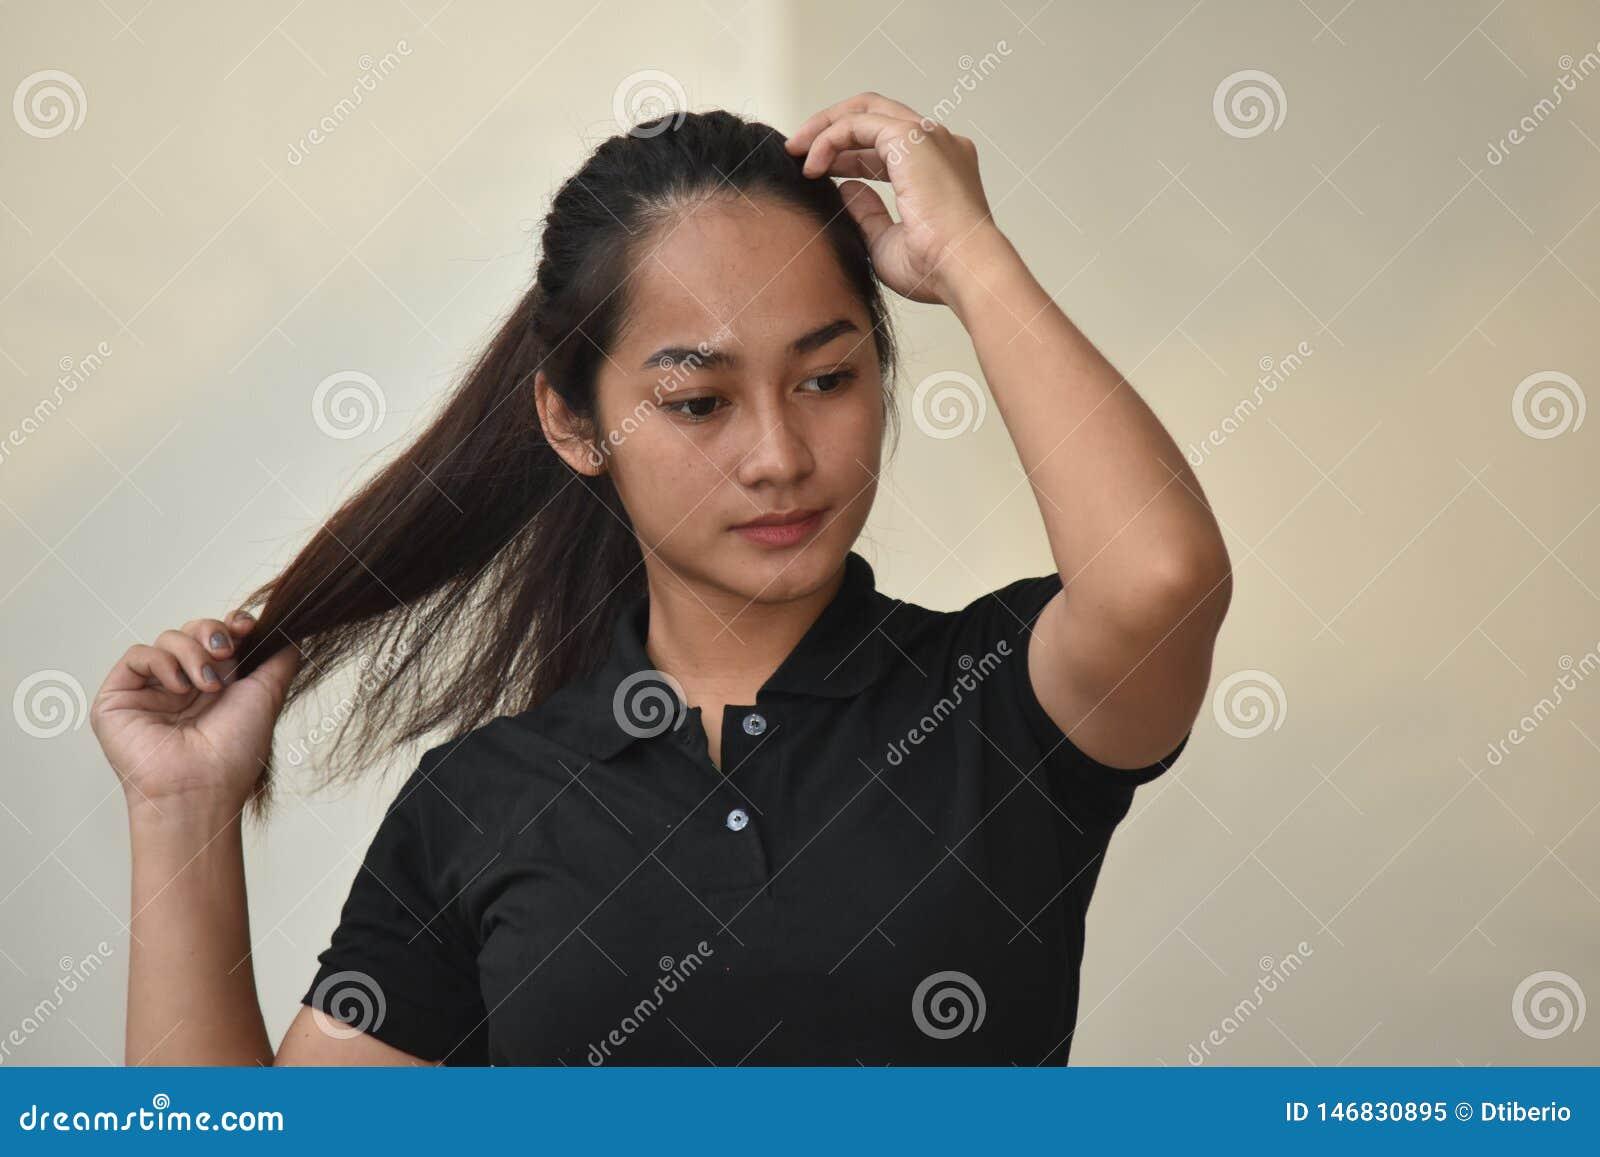 Filipina Girl With Long Hair